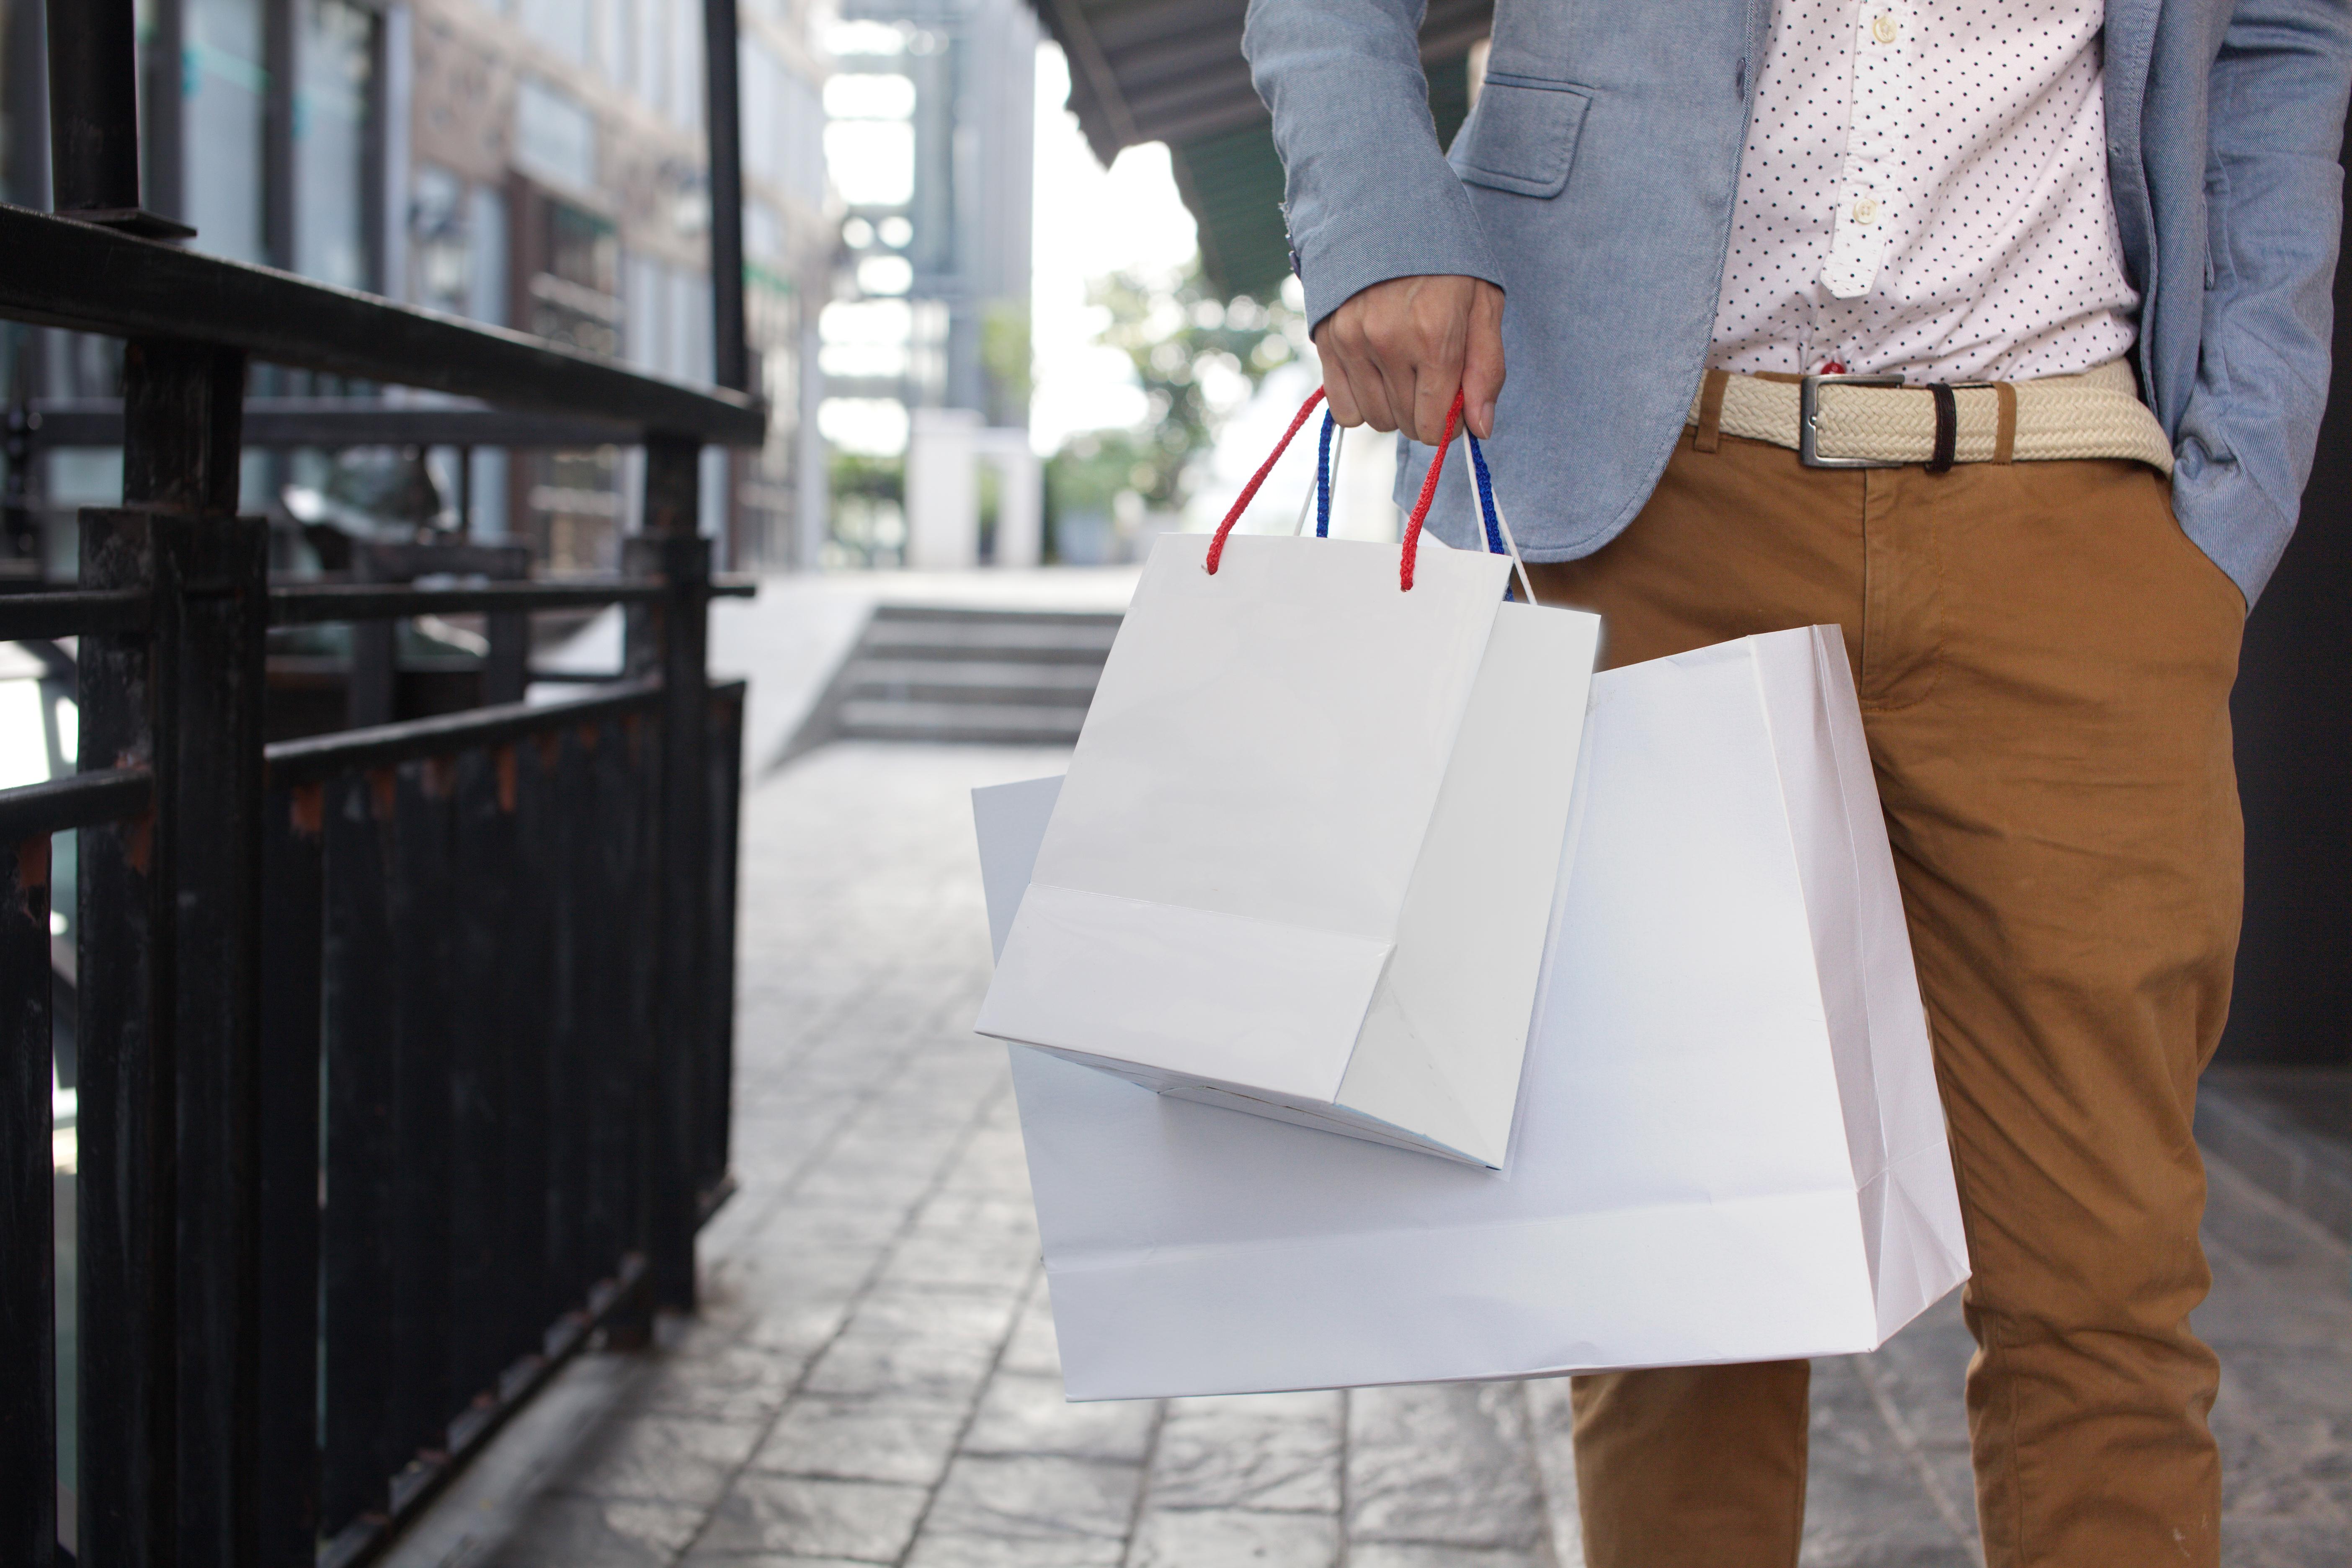 Man carrying shopping bags.